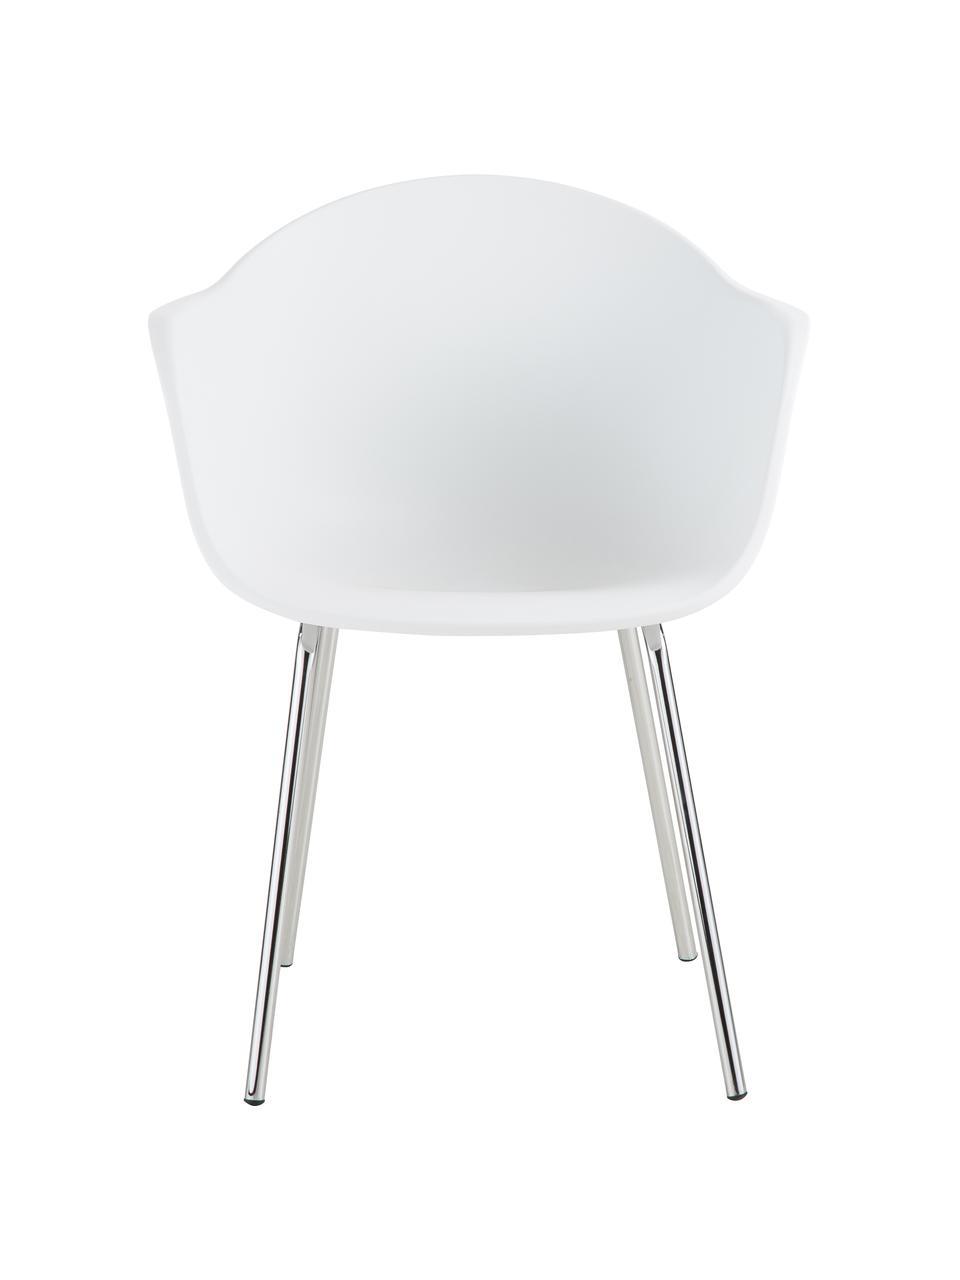 Kunststoff-Armlehnstuhl Claire mit Metallbeinen, Sitzschale: Kunststoff, Beine: Metall, galvanisiert, Weiß, Silber, B 60 x T 54 cm